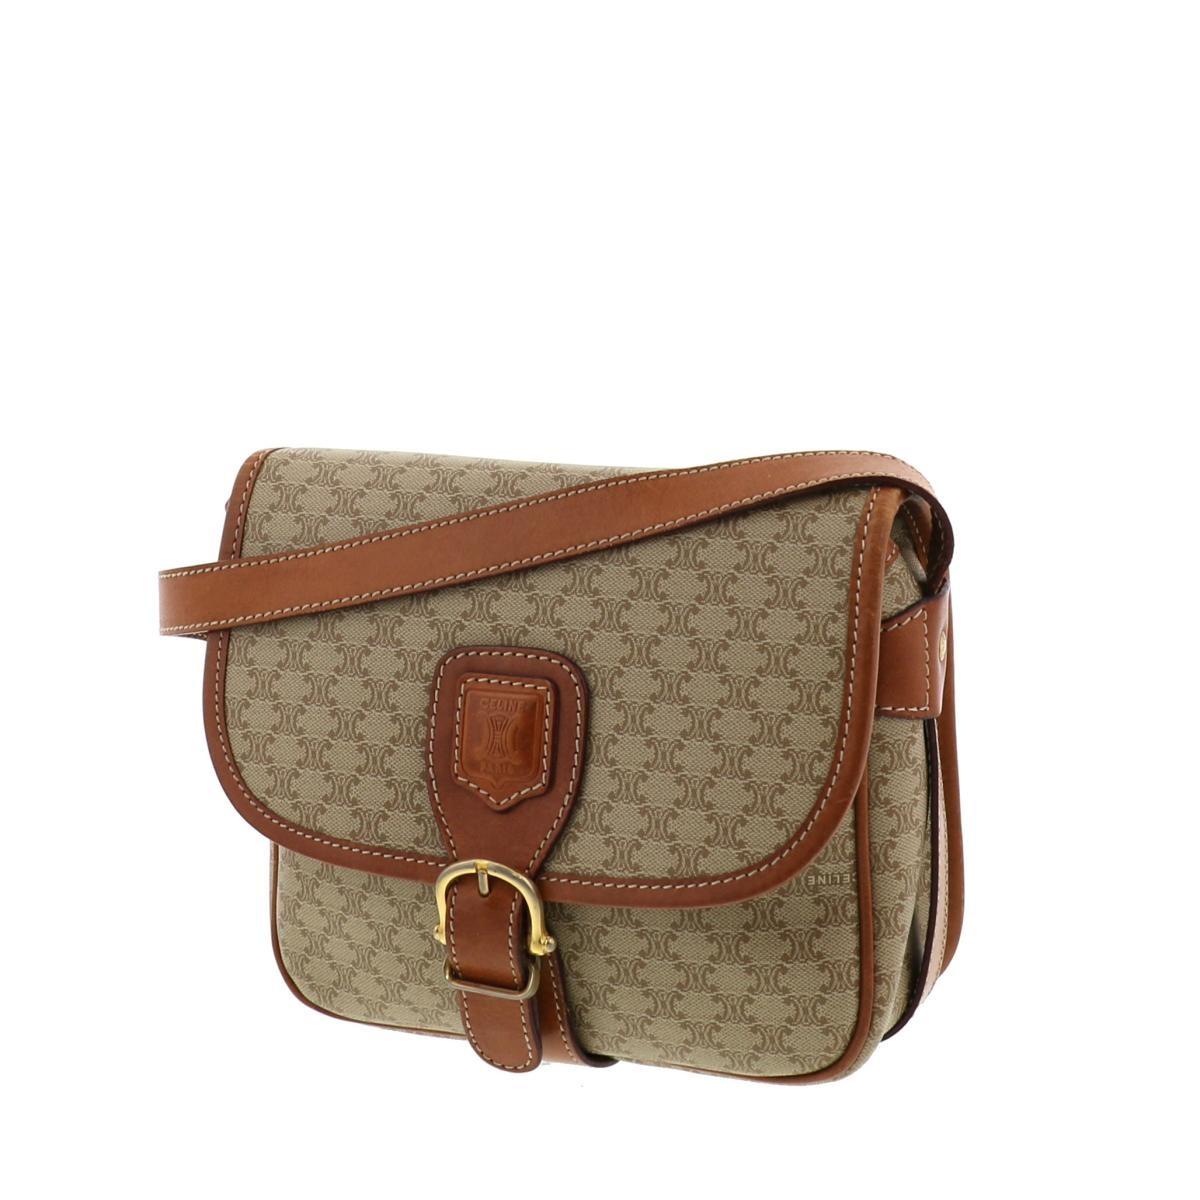 【中古】セリーヌ ヴィンテージ マカダム ショルダーバッグ ベージュ CELINE Vintage Macadam Shoulder Bag